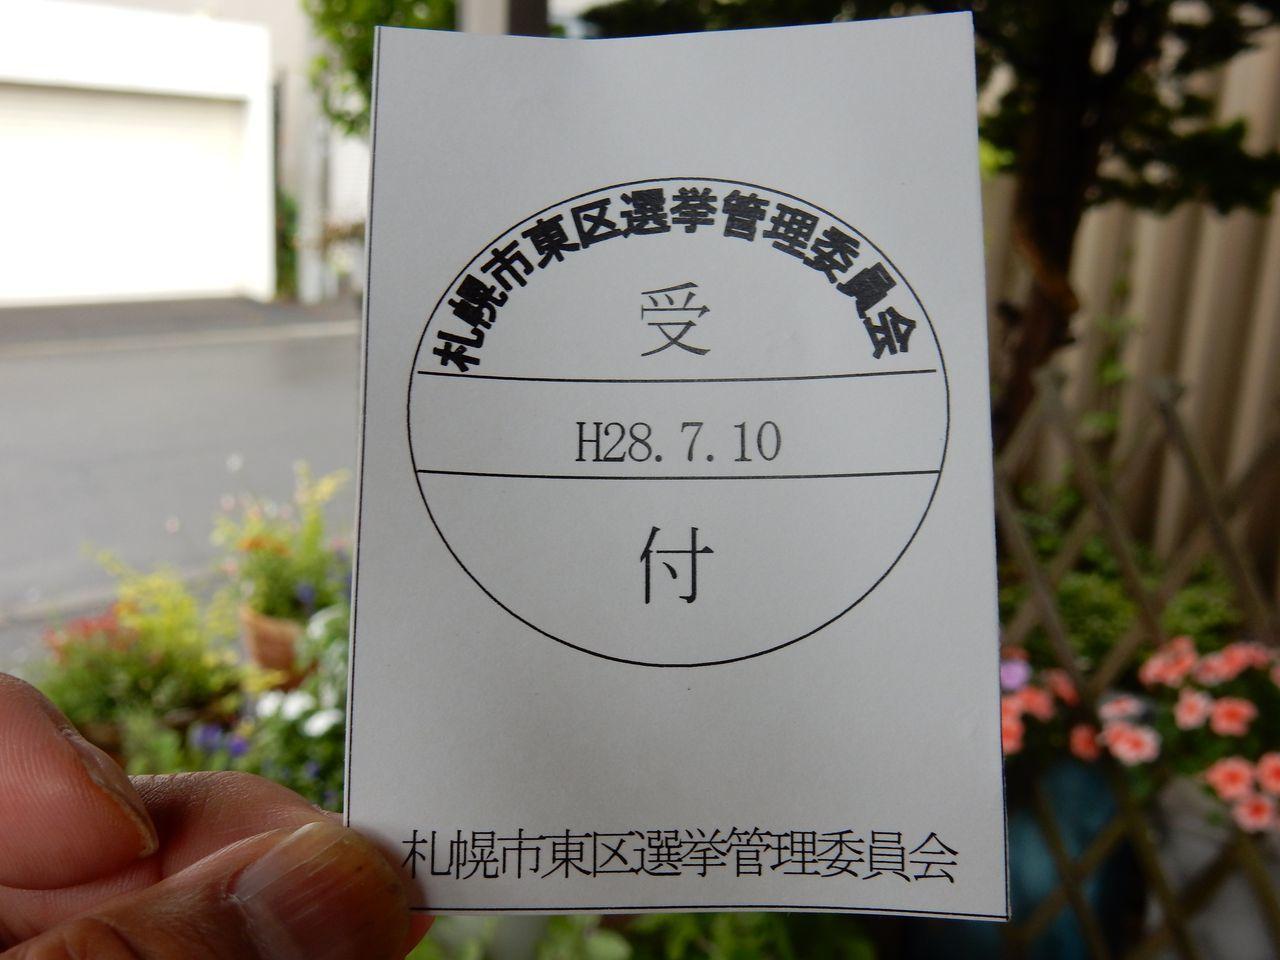 参院選投票後は日本ハム連勝記録祭り_c0025115_21311204.jpg